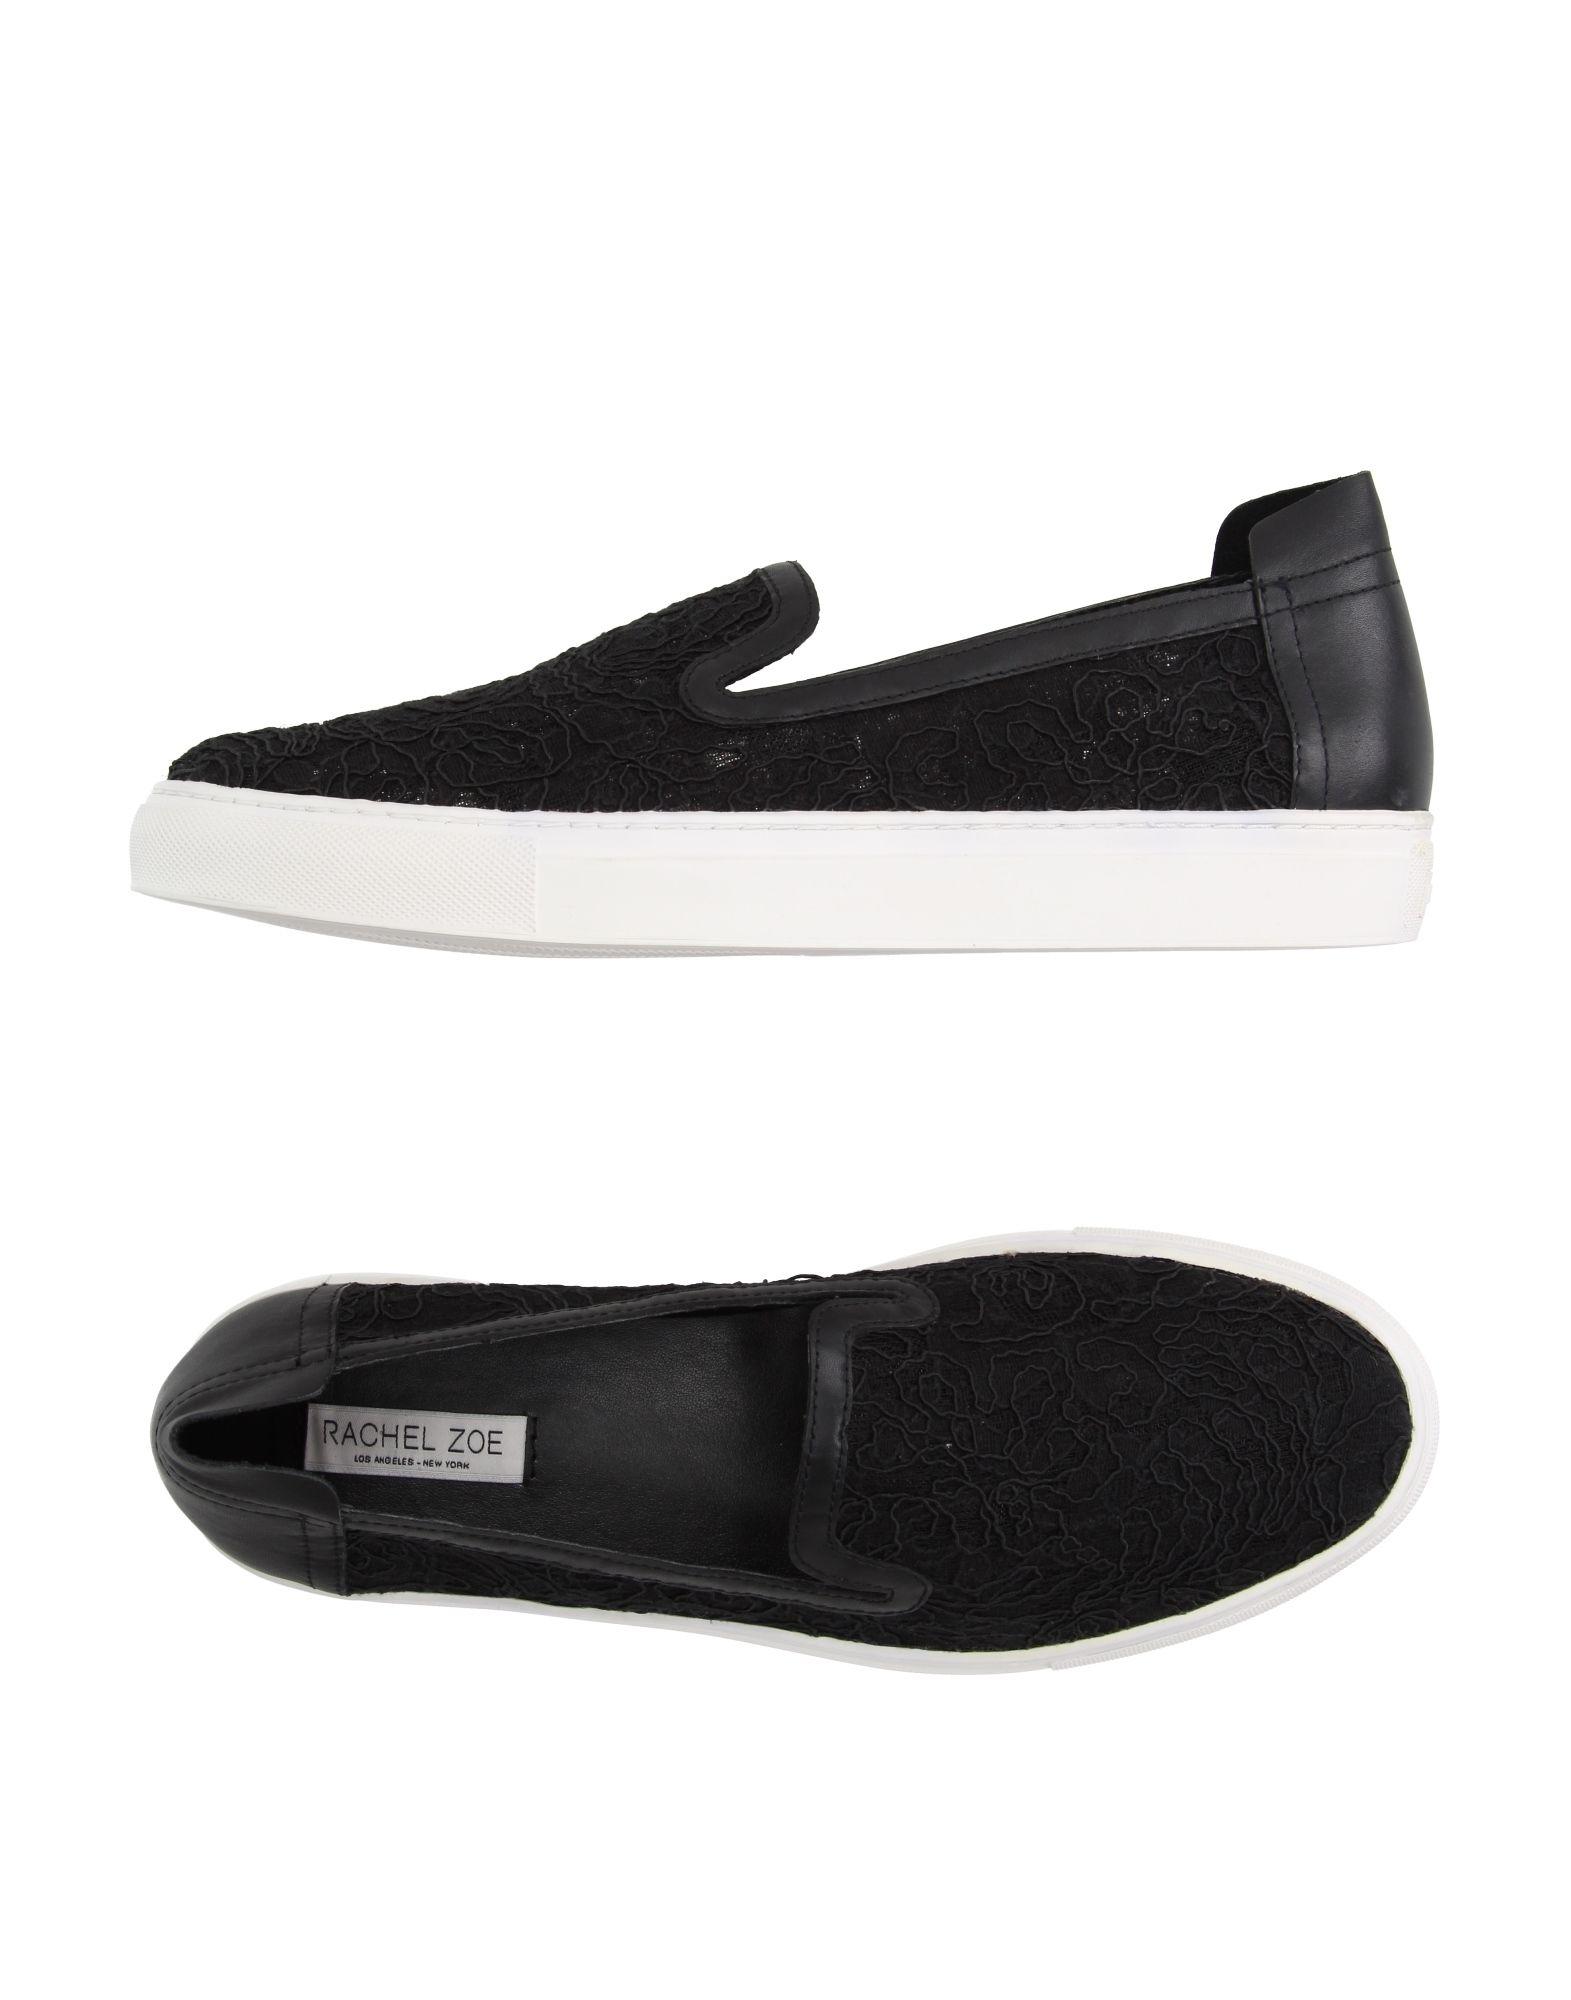 Rachel Zoe Sneakers - Women Rachel Rachel Rachel Zoe Sneakers online on  United Kingdom - 11193676PS 4d1049